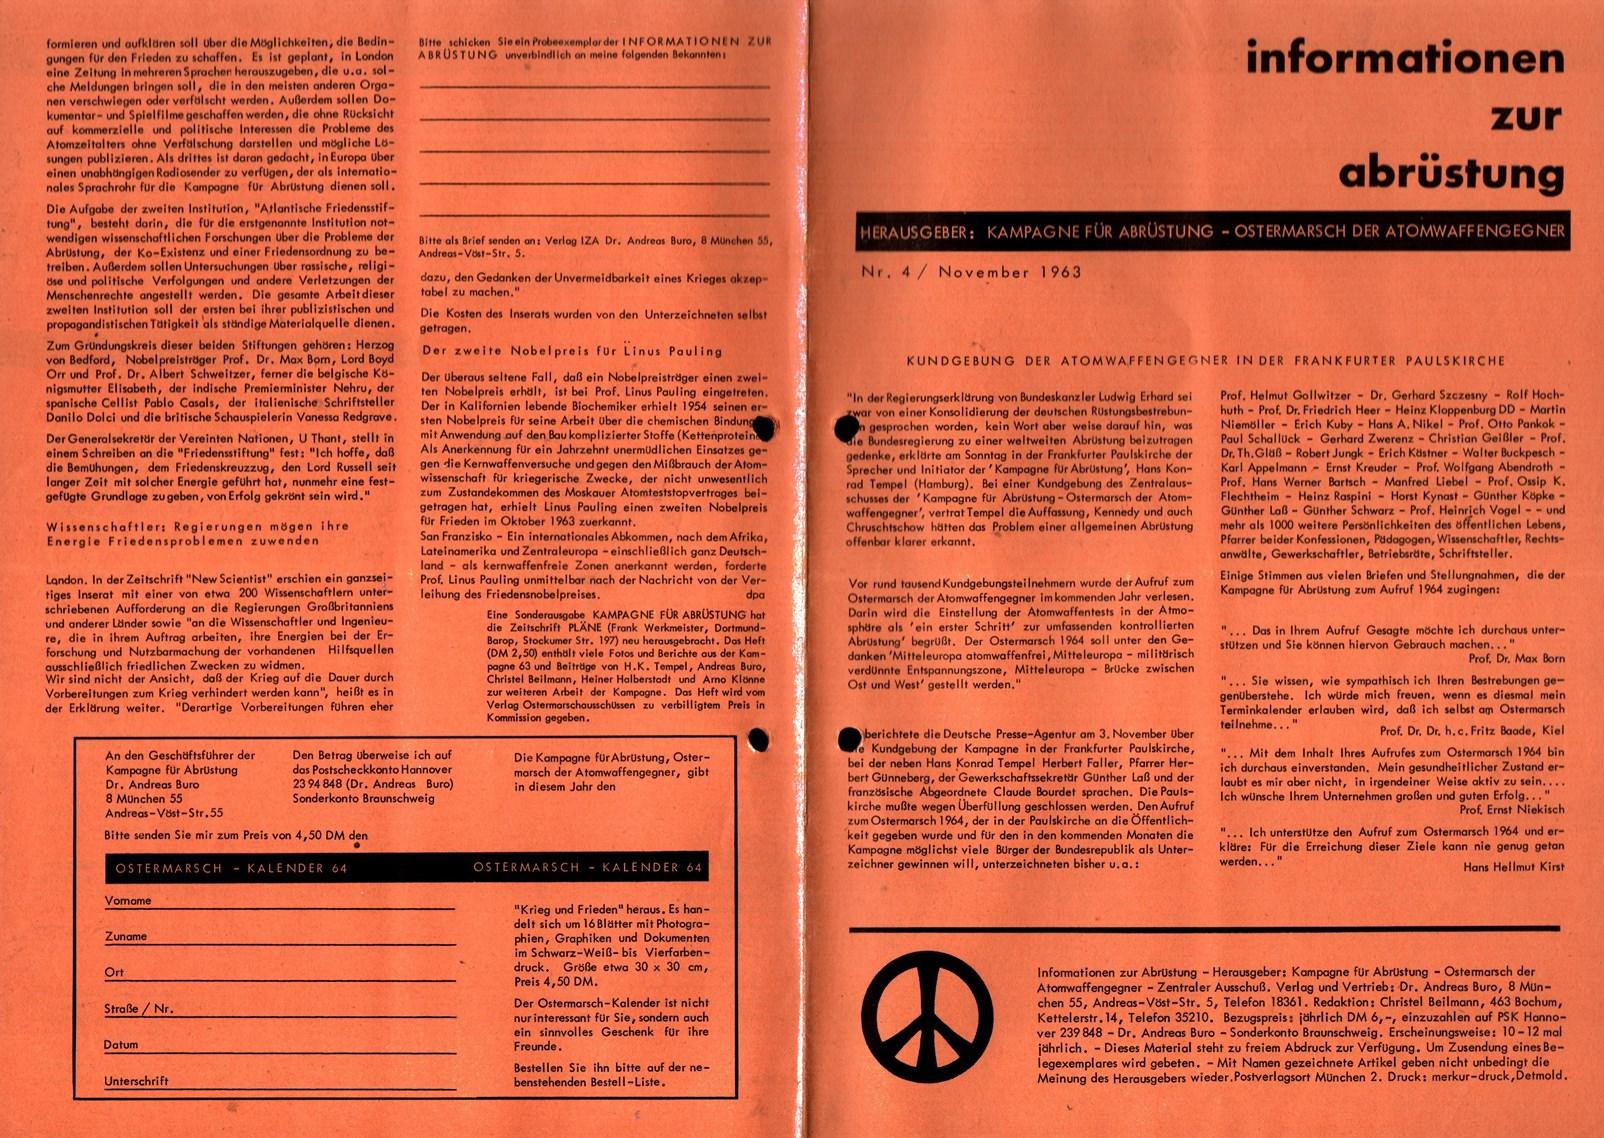 Infos_zur_Abruestung_1963_004_001